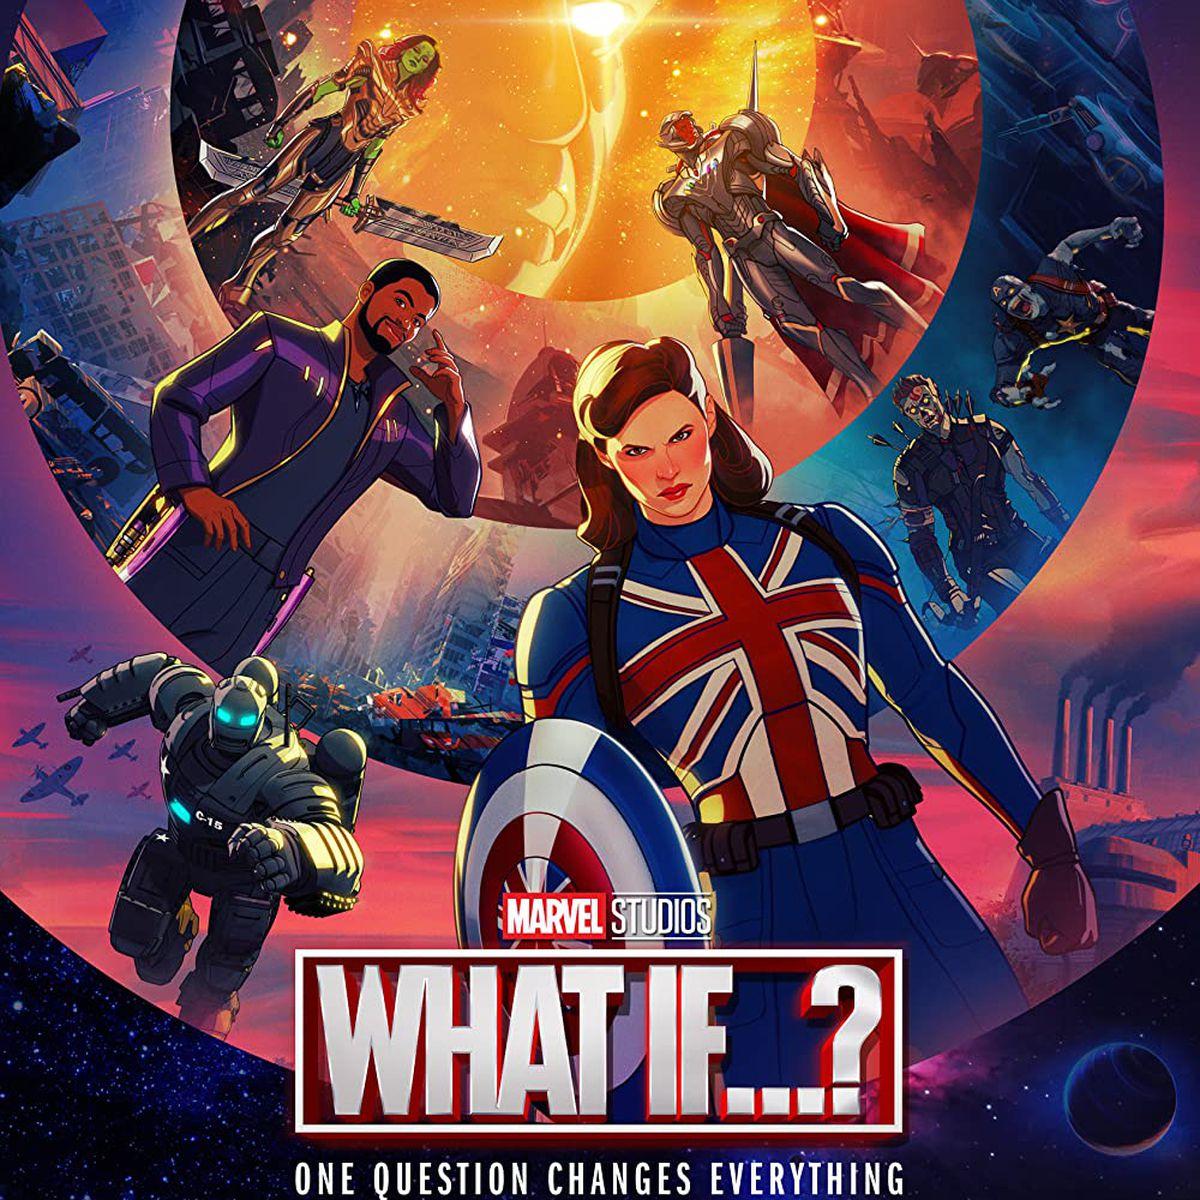 MV5BOGYwYTA5M2QtMTk3Zi00ZjdjLWFkNDUtYzg4MjM0ZGI0MGU1XkEyXkFqcGdeQXVyODIyOTEyMzY . V1 FMjpg UX1000 Good Guy Thanos in Marvel's What If episode 2 was inevitable, says producer